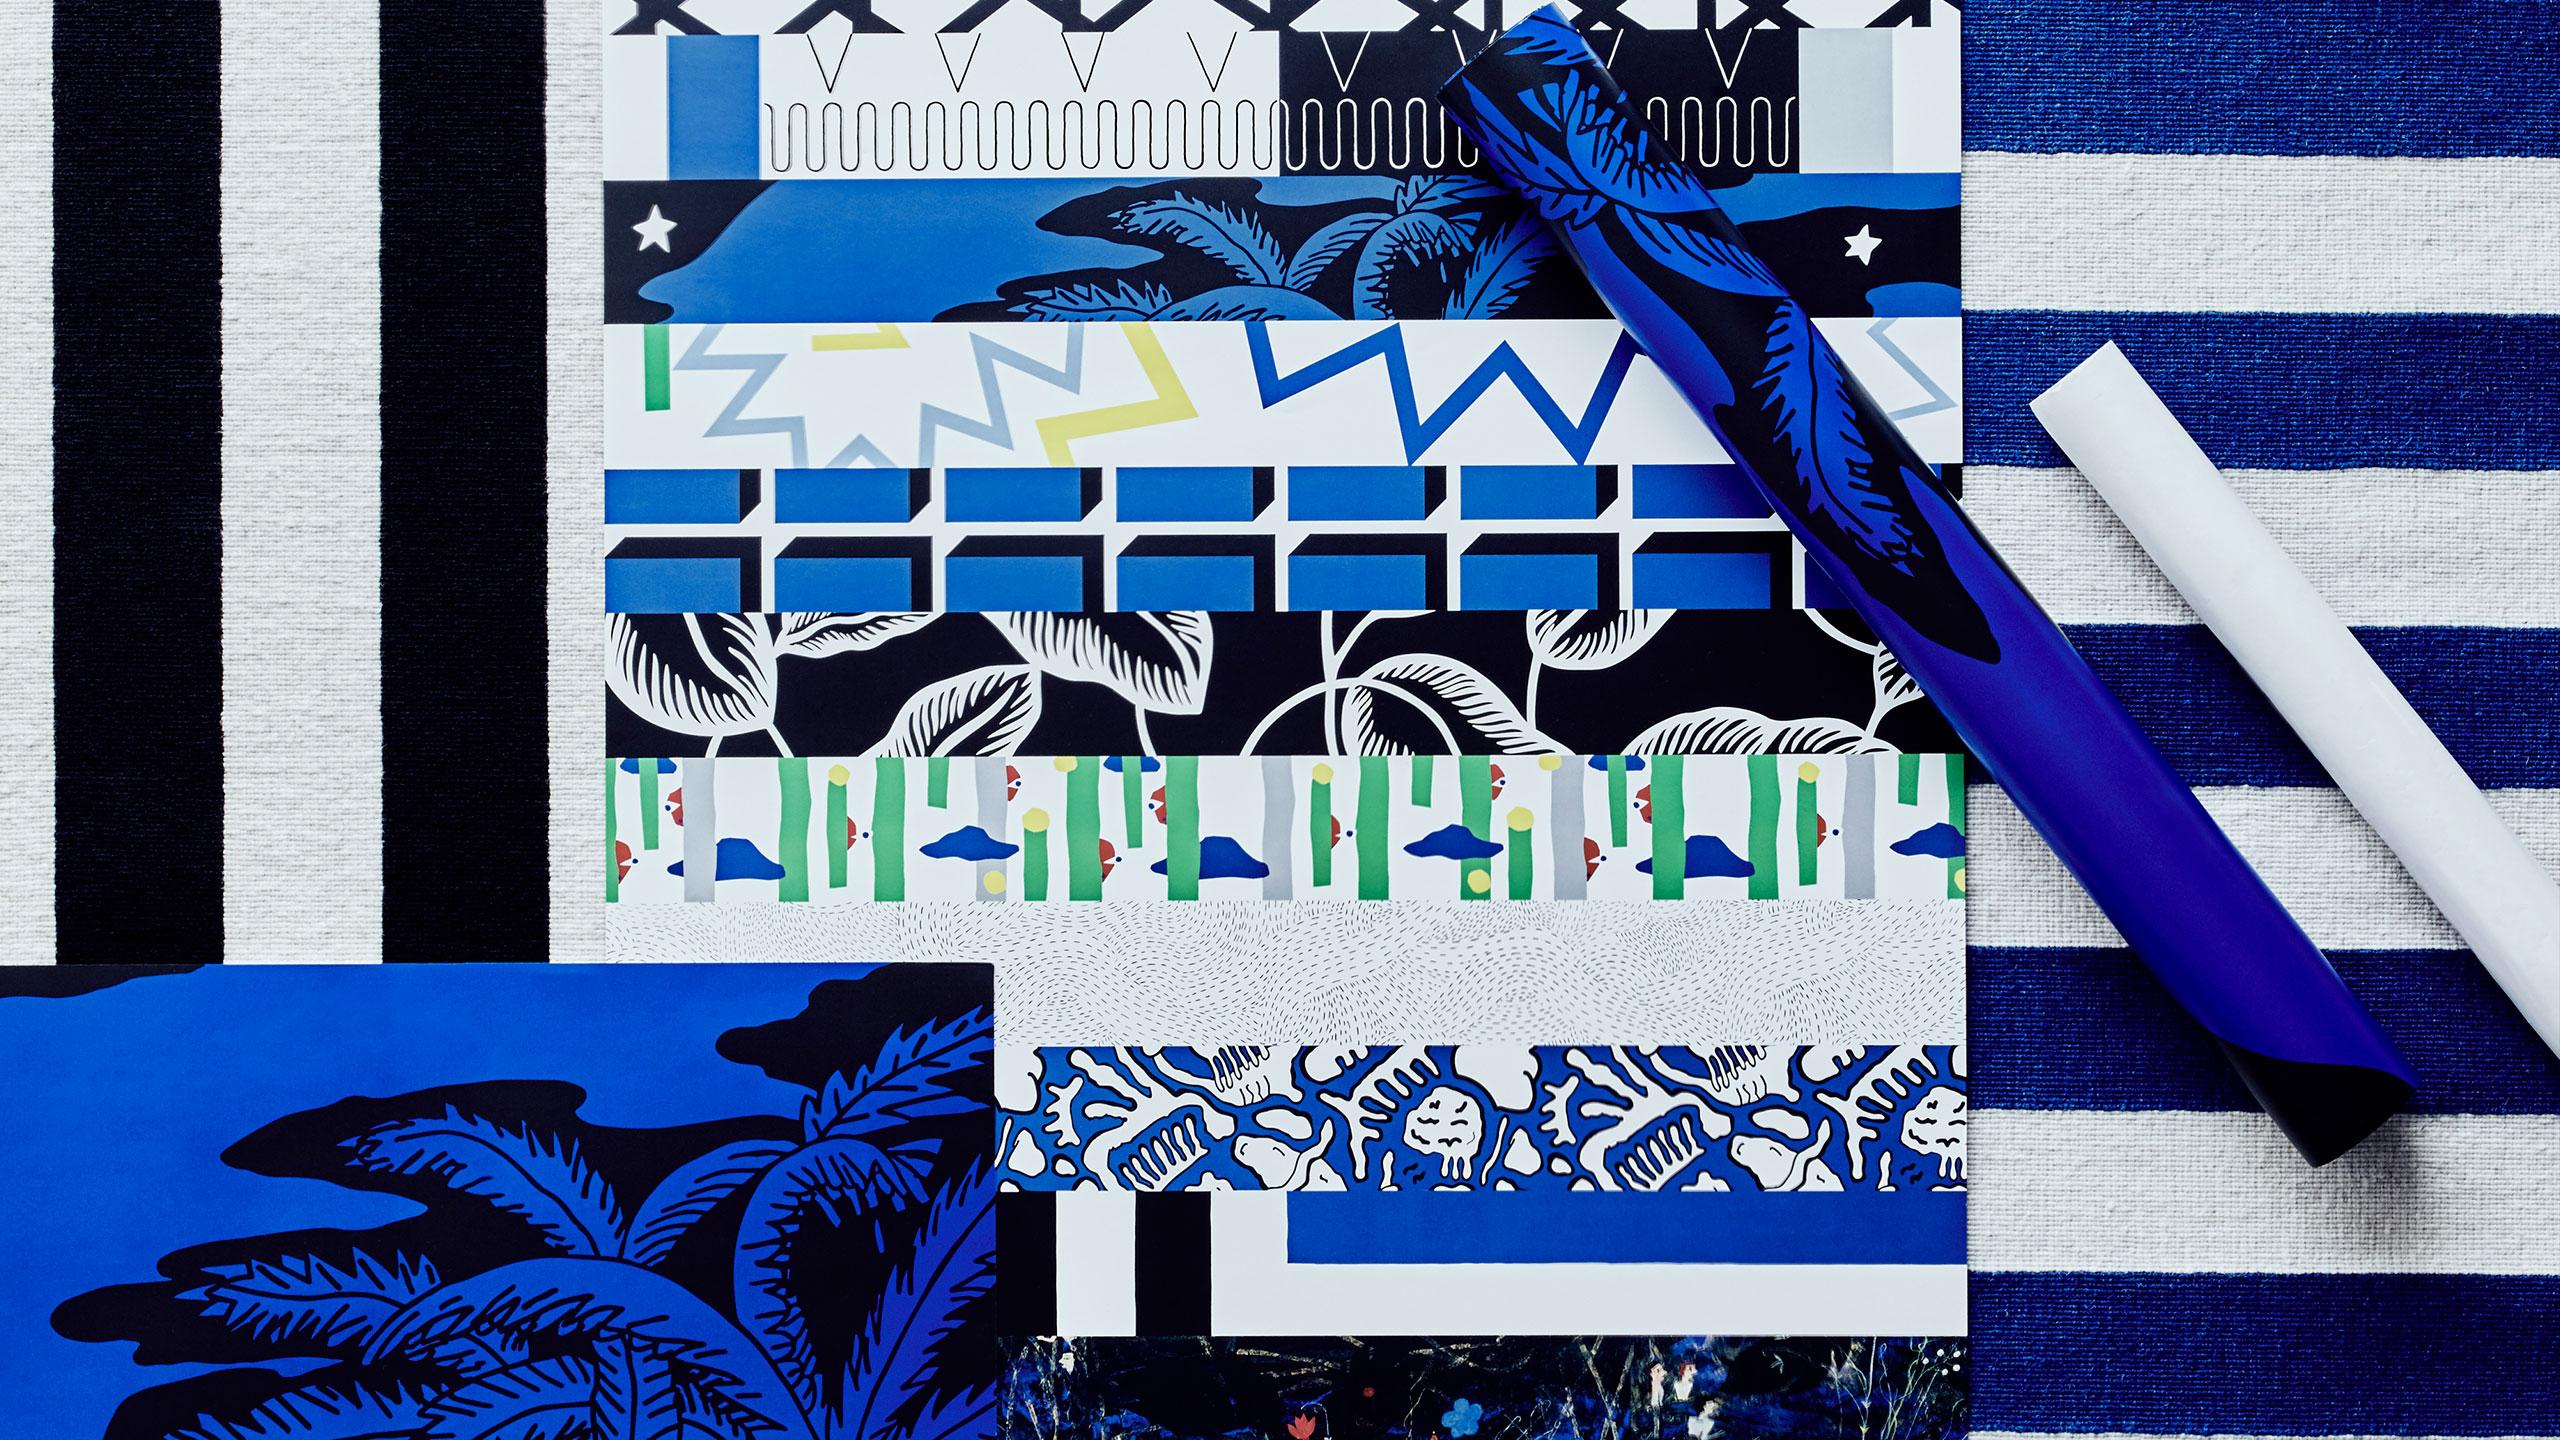 10-gruppens mönster i Ikeas kollektion Avsiktlig